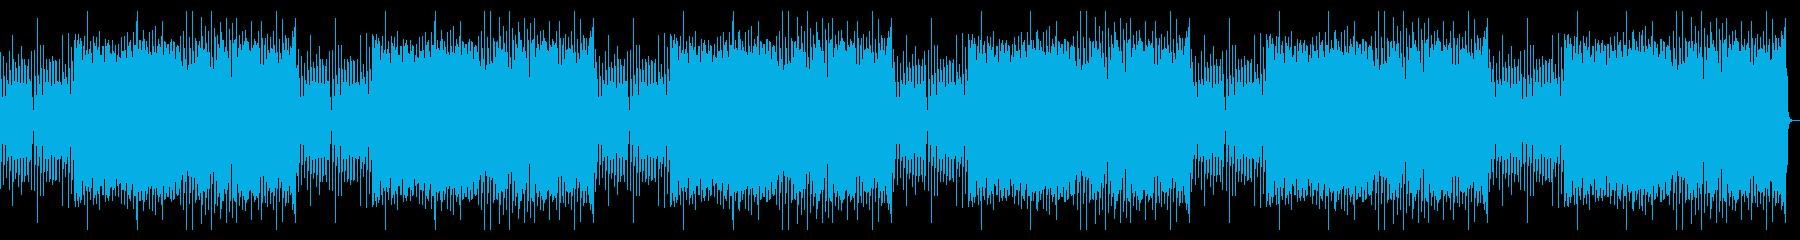 レトロゲーム風BGM(戦闘、緊迫)の再生済みの波形